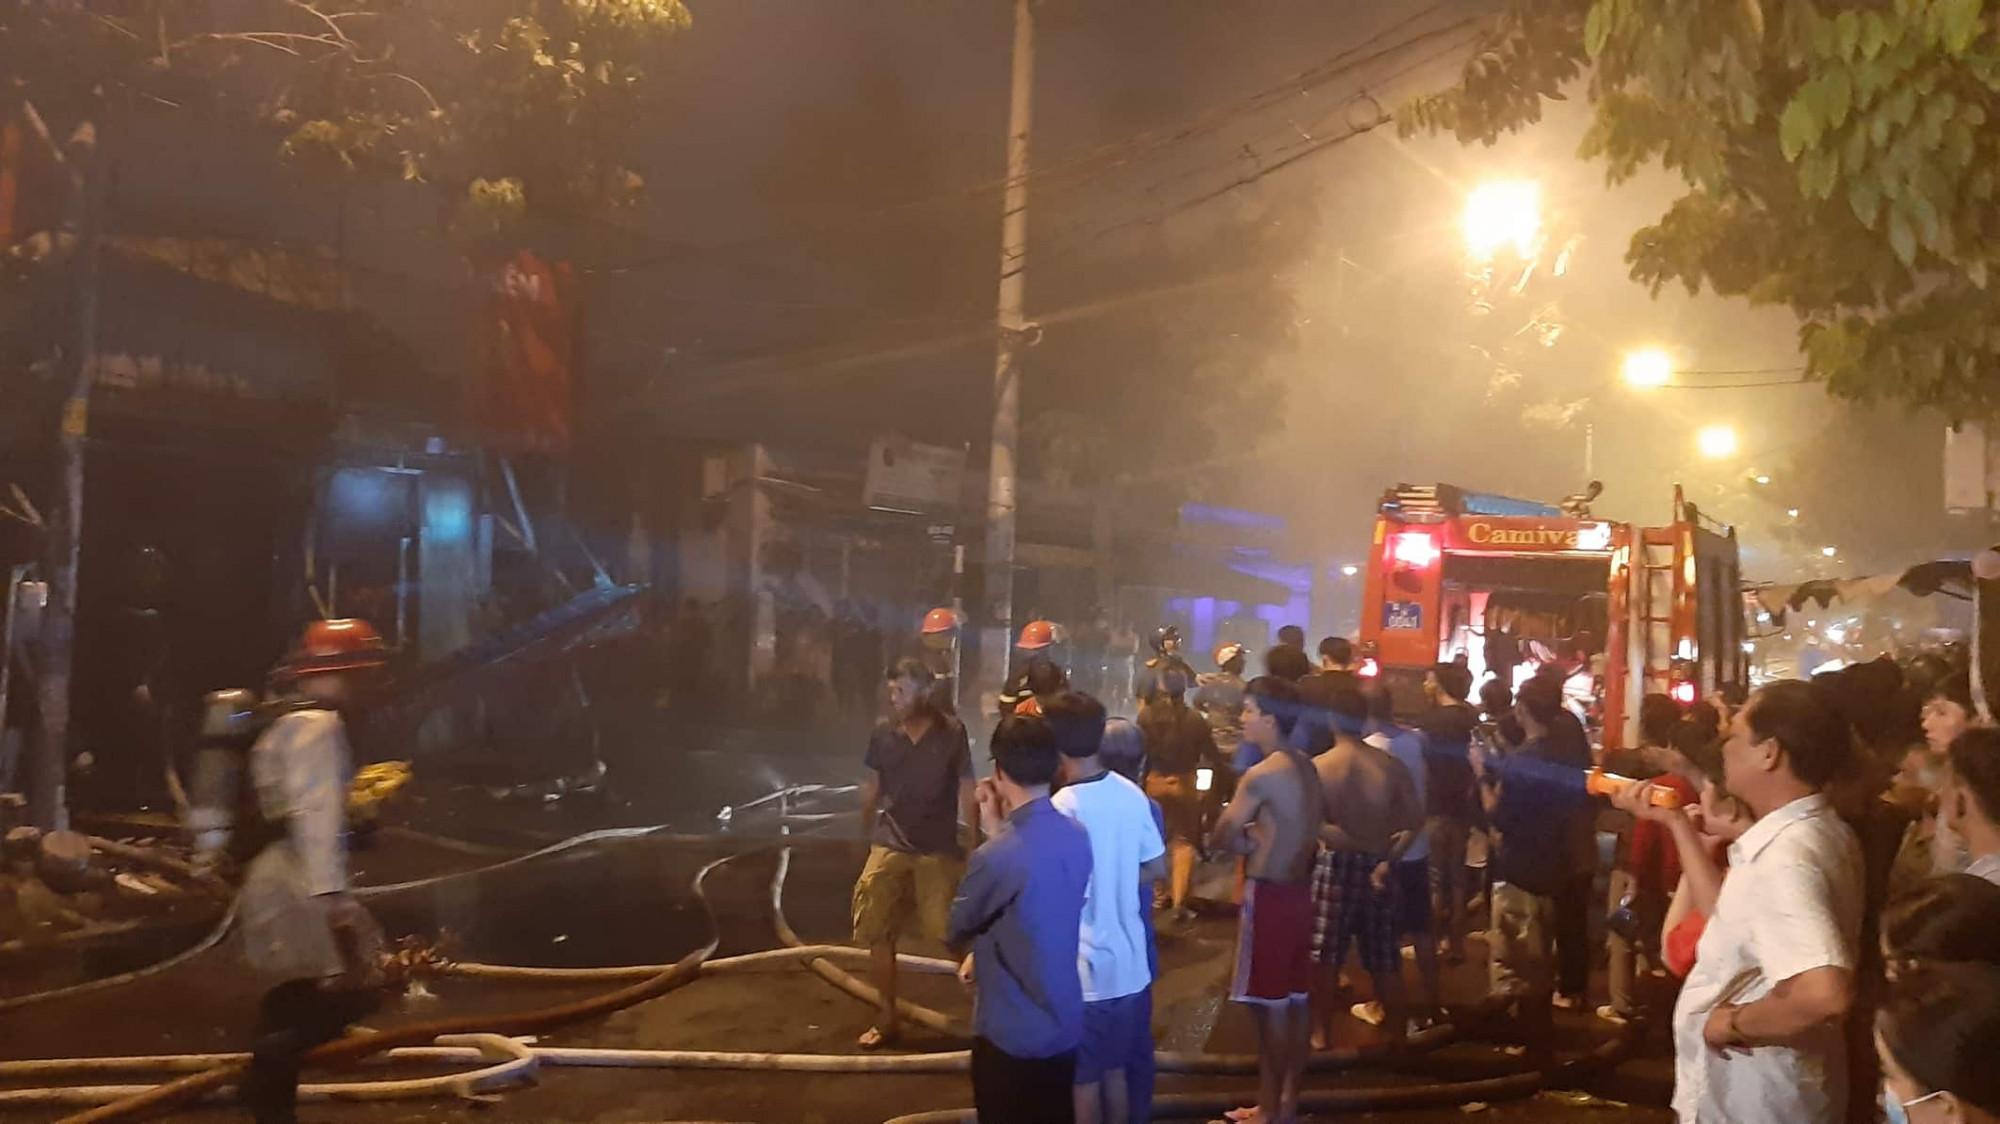 Lực lượng PCCC có mặt để tiếp cận, khống chế đám cháy